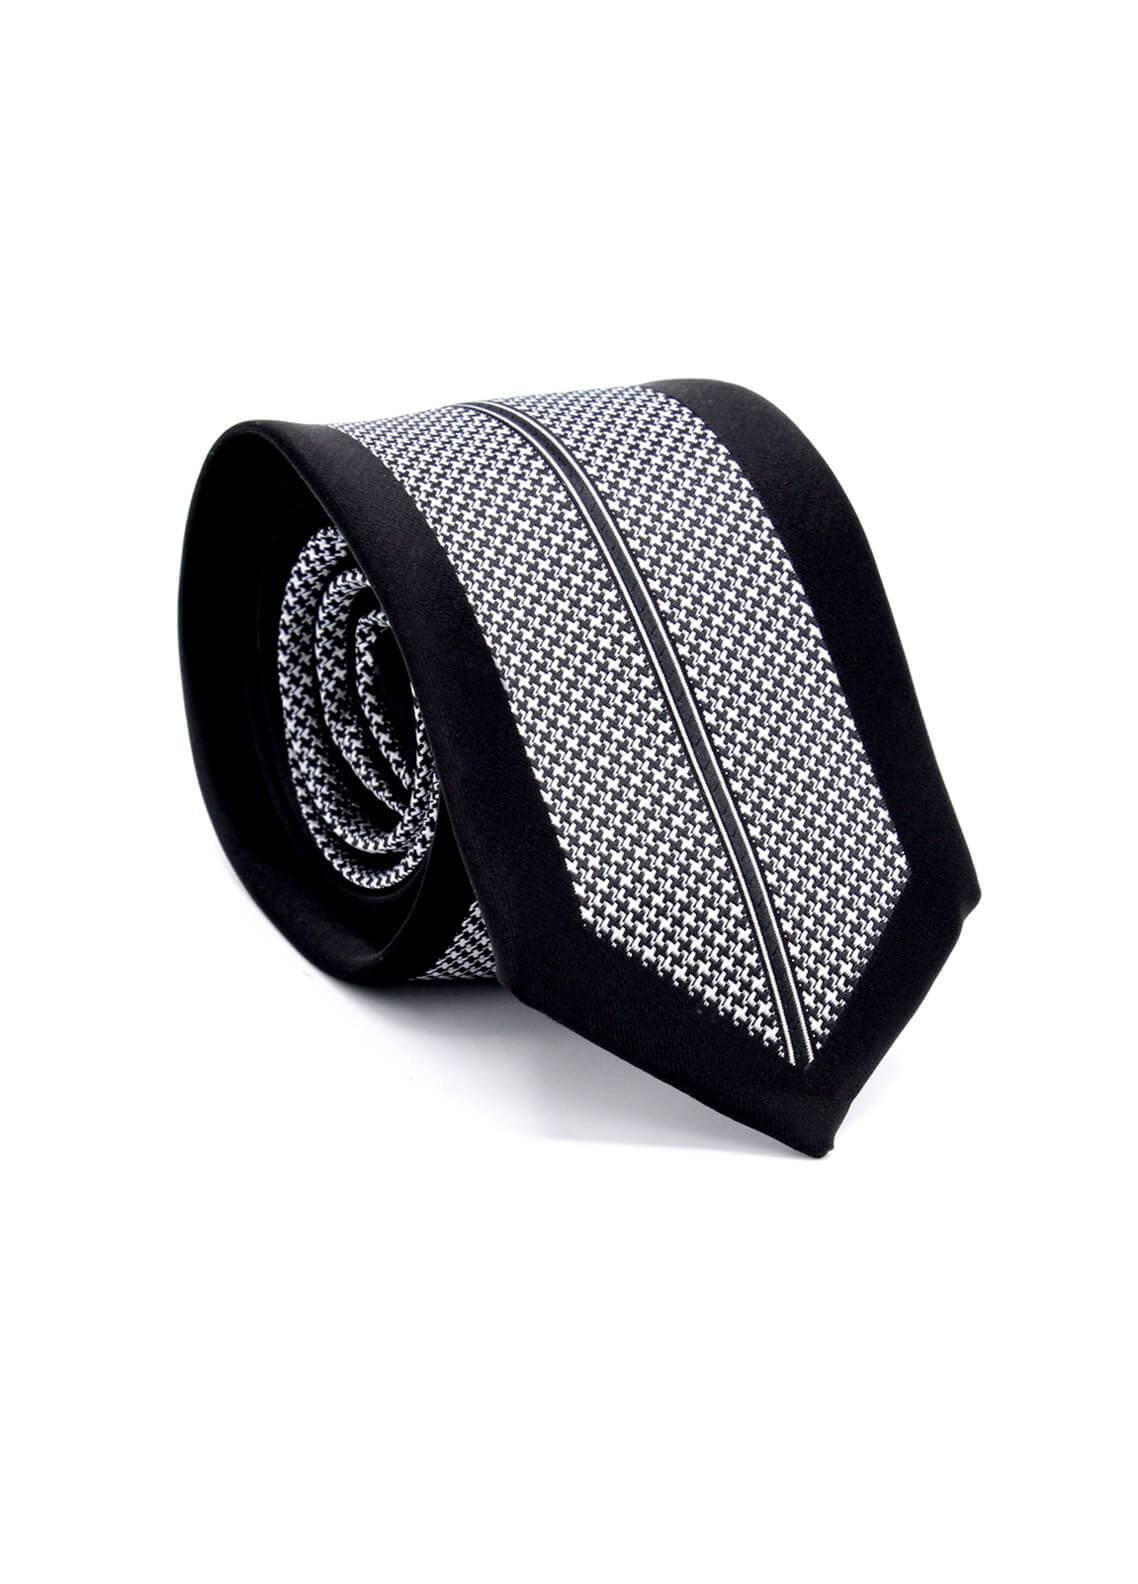 Skangen Multi-Patterned Wool Neck Tie Neck Tie SKTI-S-001 -